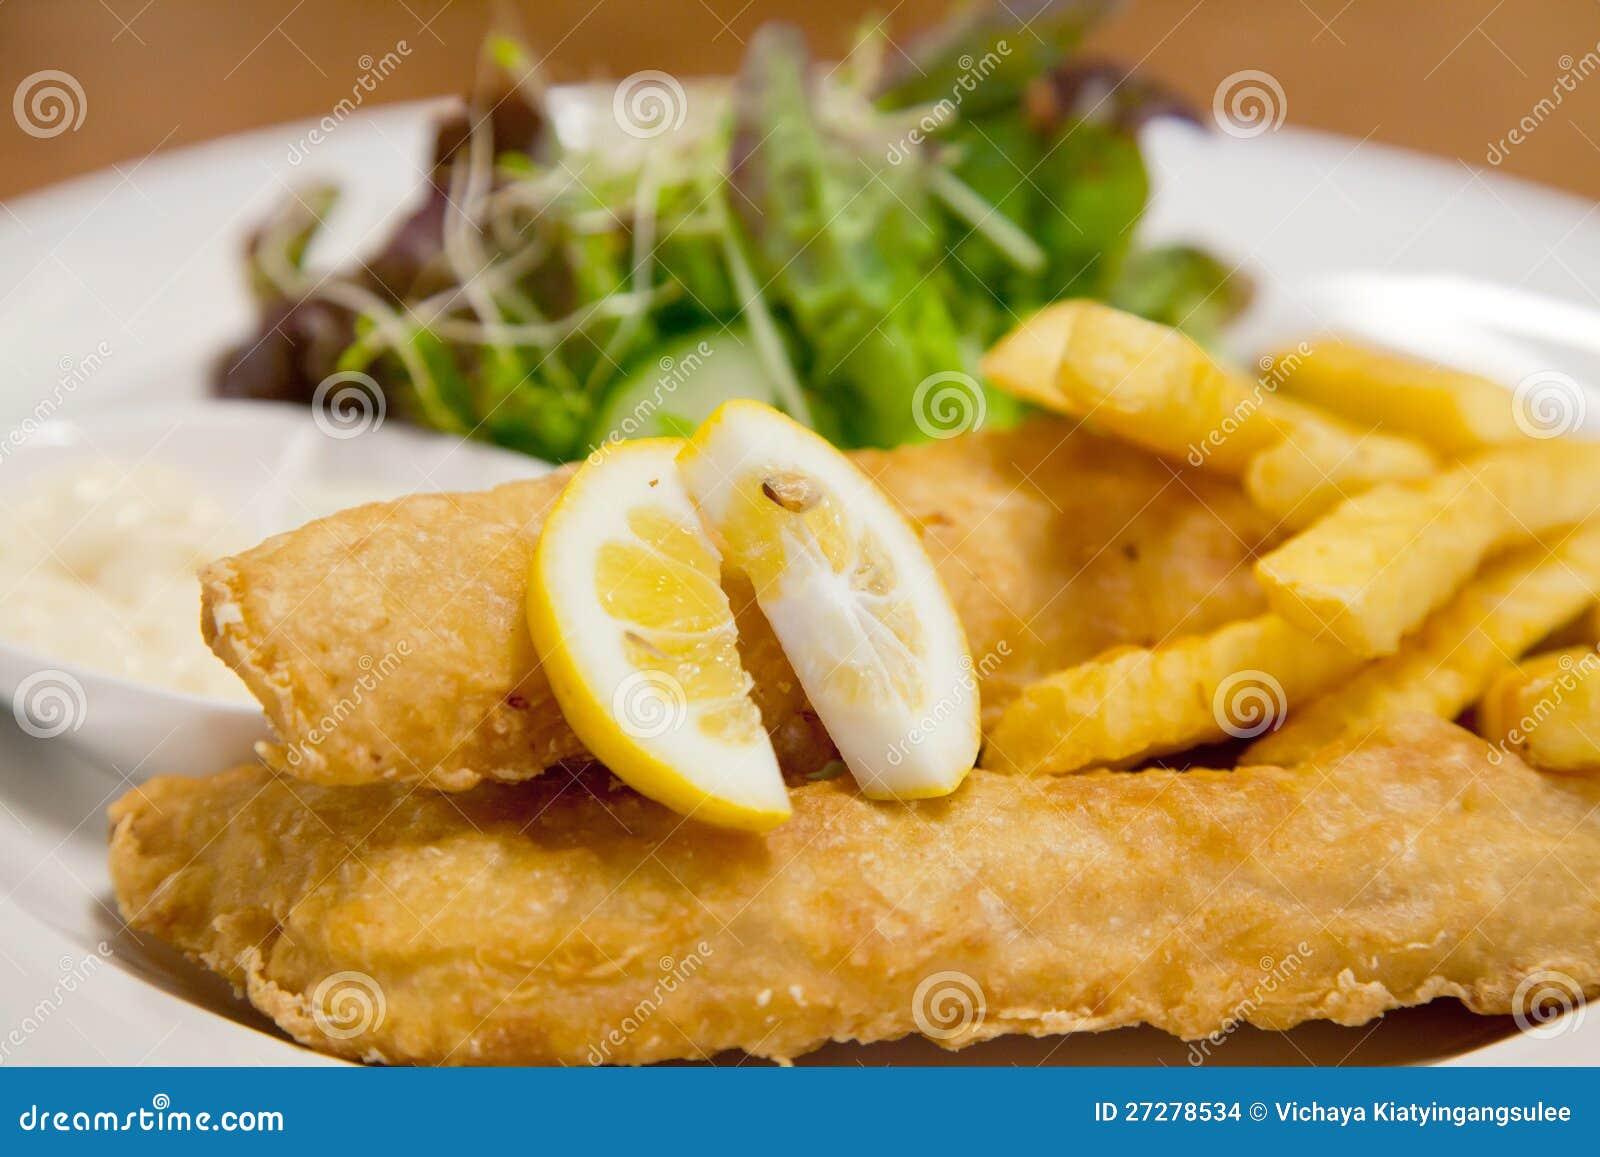 Fisk och chip